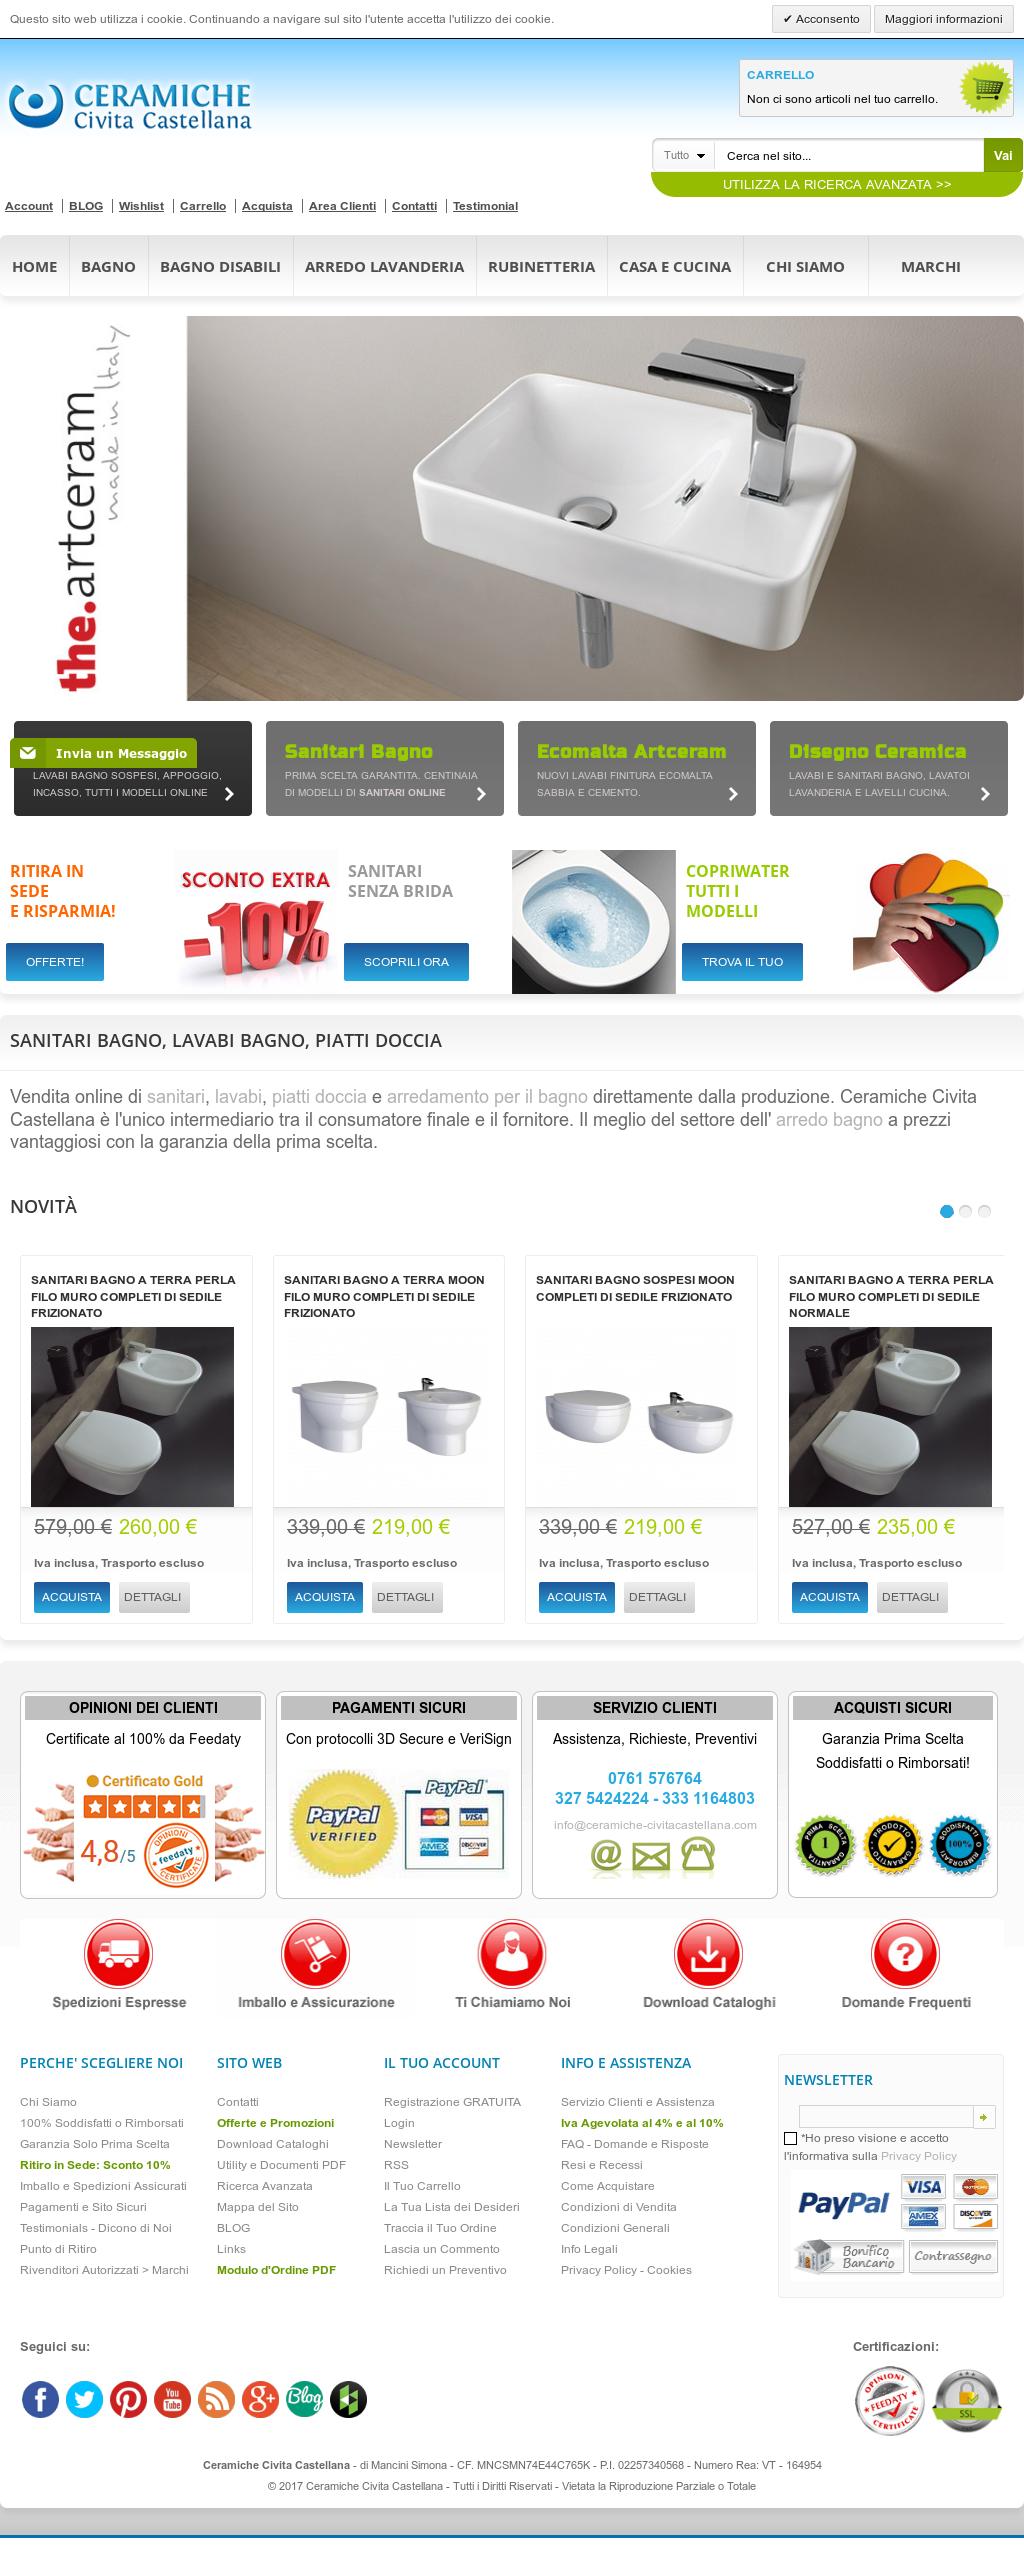 Ceramiche sanitari e arredo bagno for Sanitari bagno